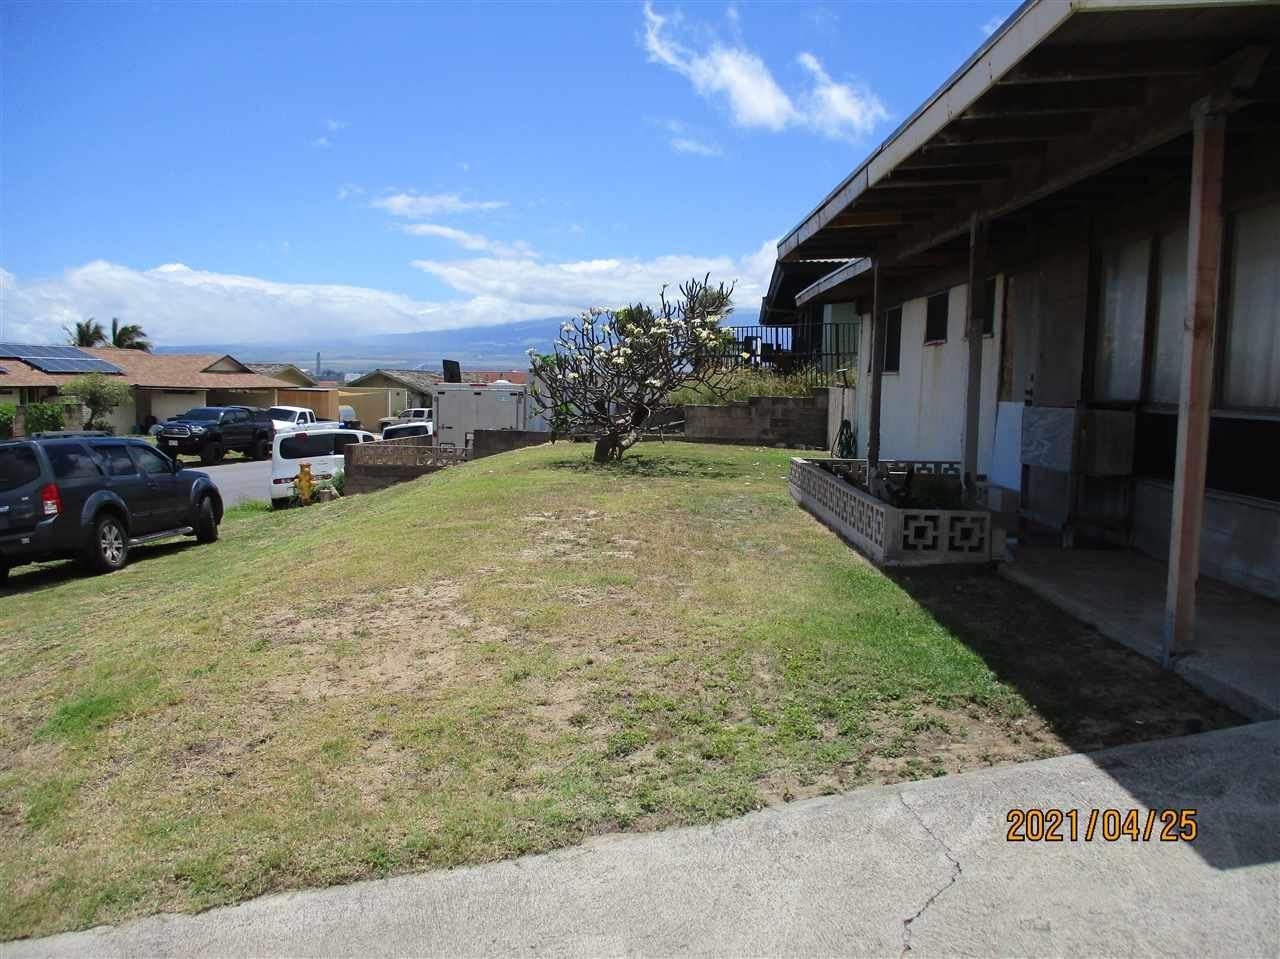 Photo of 654 Pio Dr, Wailuku, HI 96793 (MLS # 391254)